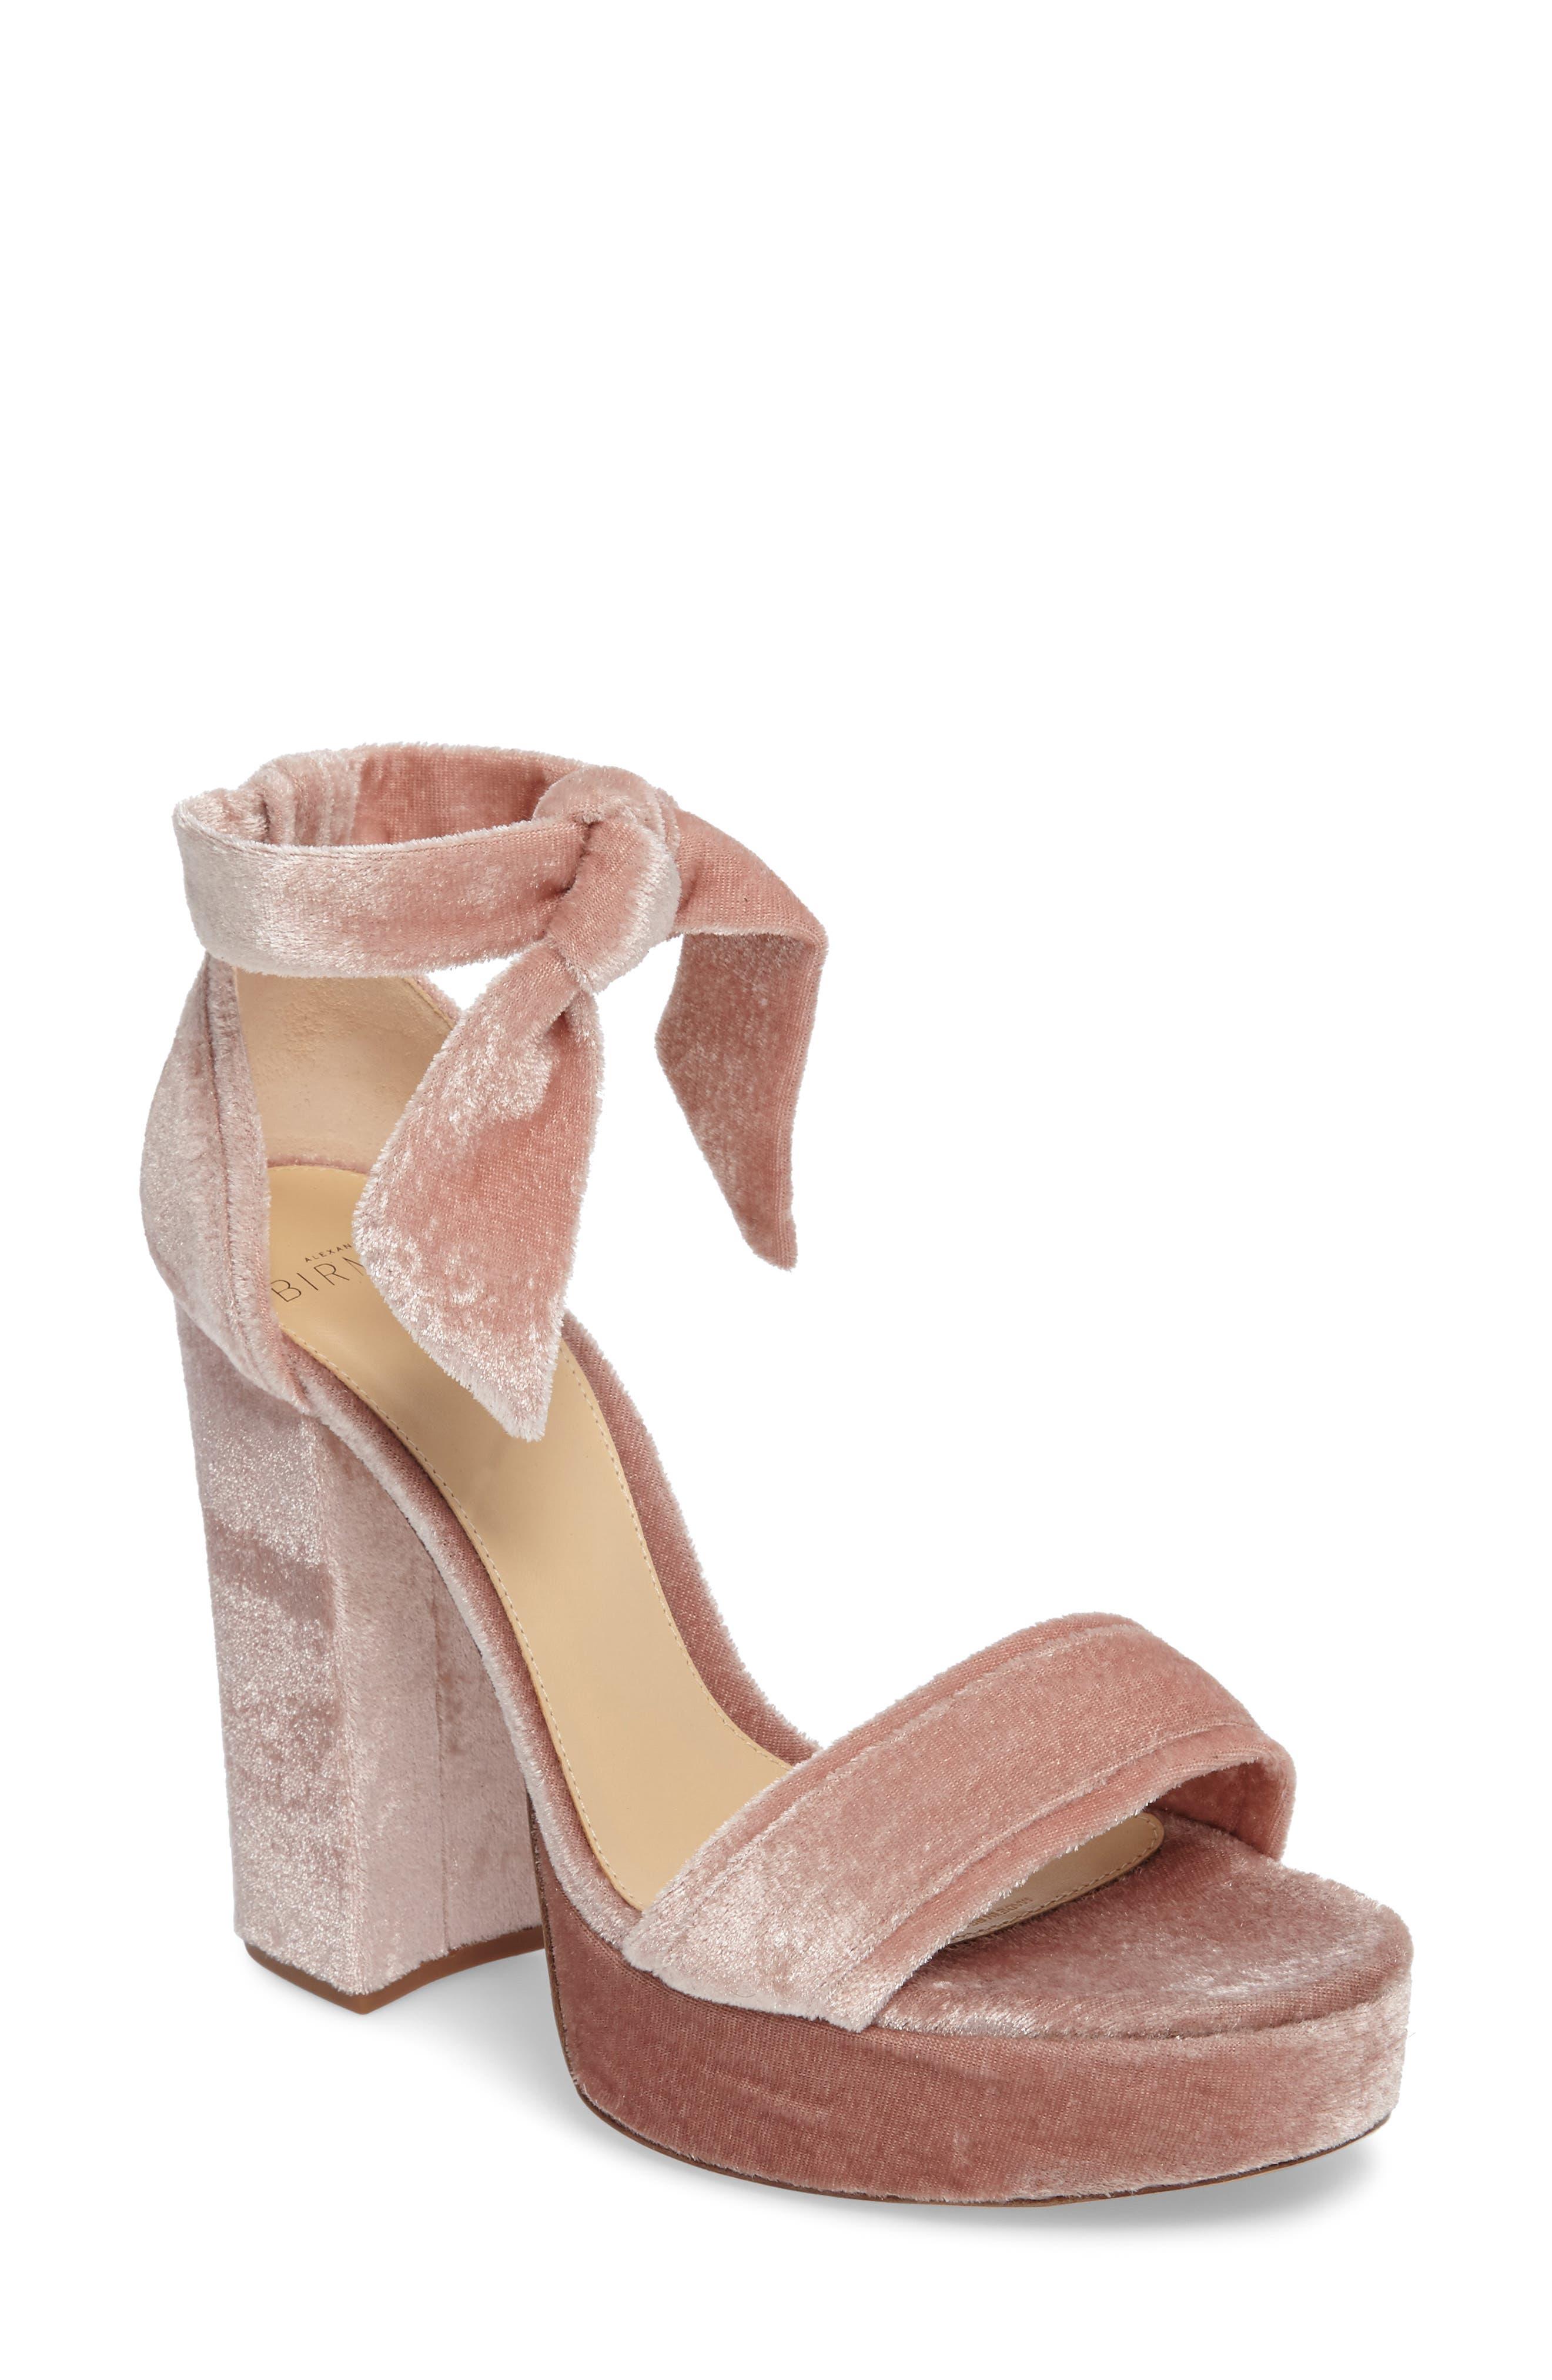 Celine Platform Sandal,                             Main thumbnail 2, color,